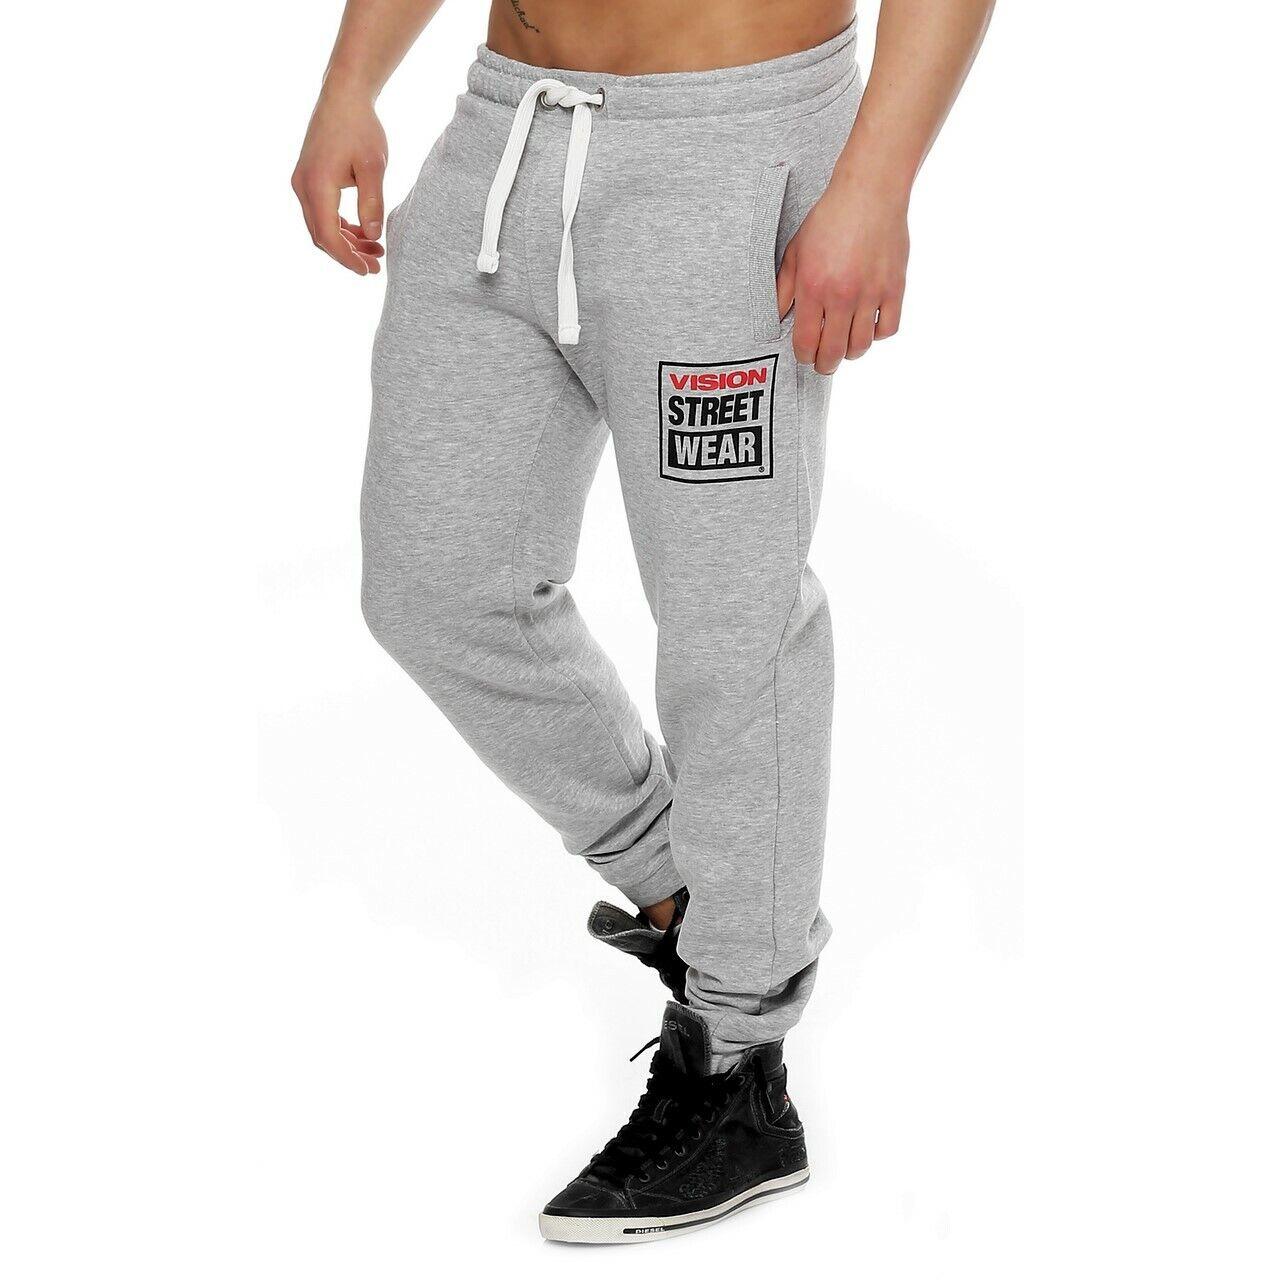 Vista en la calle, pantalones de correr, nuevo Color gris.